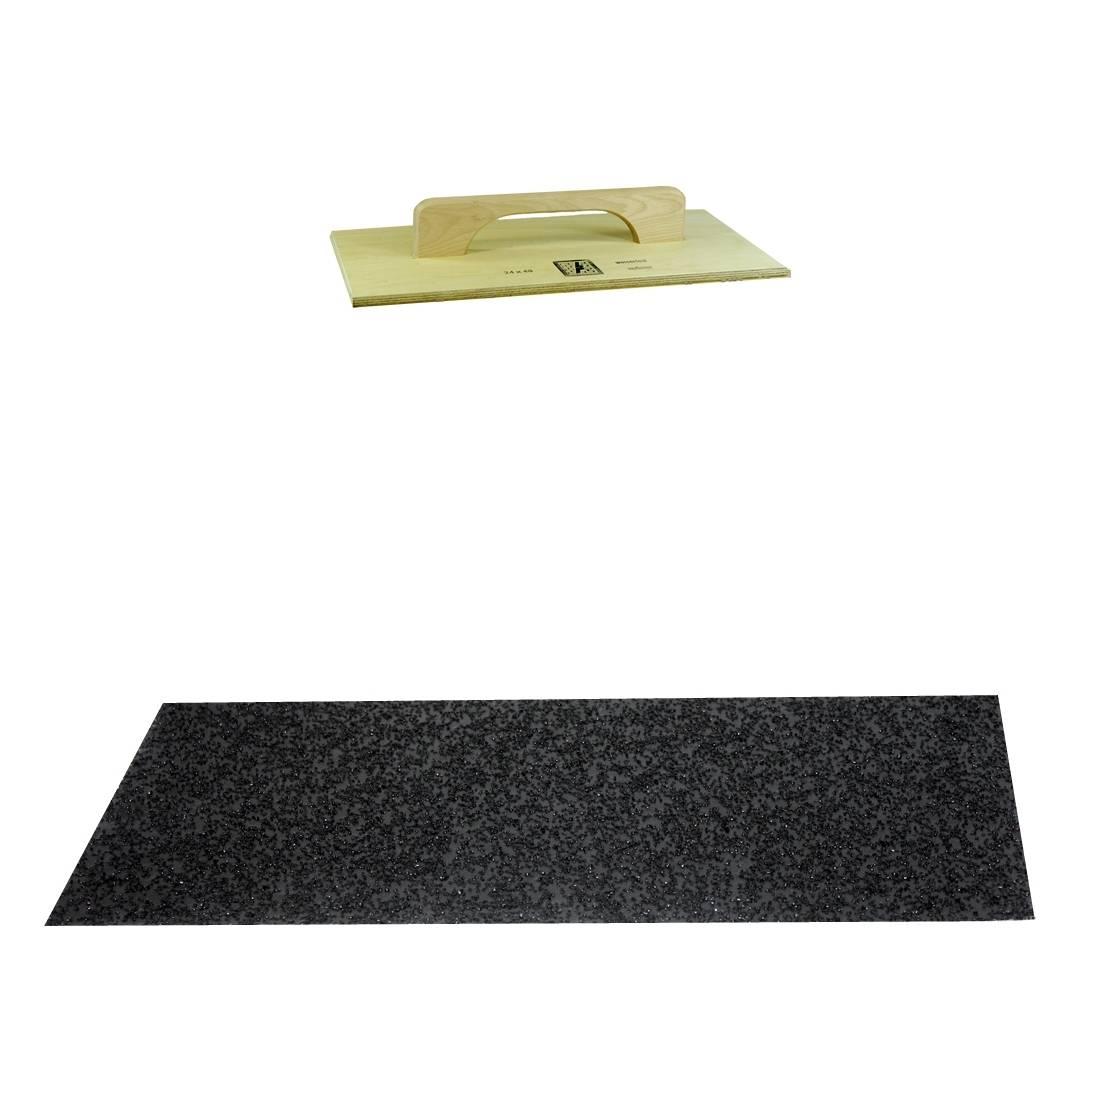 Ersatz-Schleifpapier 500 x 250 mm, Selbstklebend